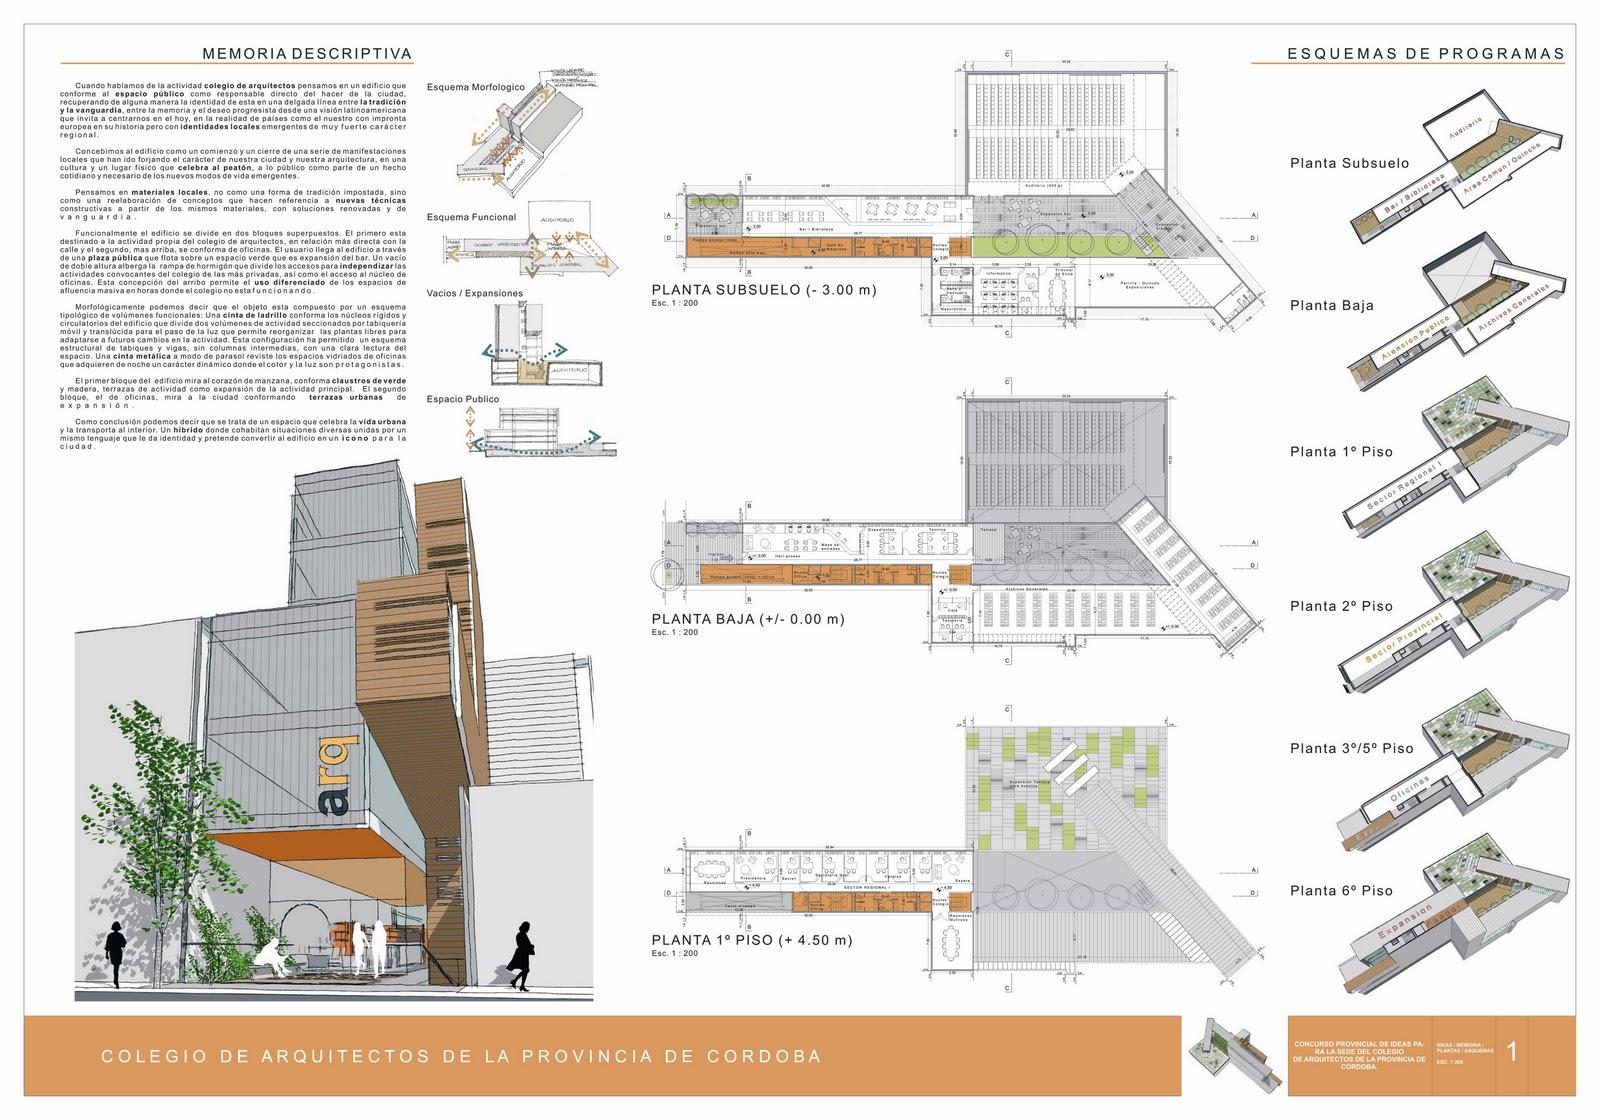 B b arquitectura concursos colegio de arquitectos de la - Colegio de arquitectos de cordoba ...